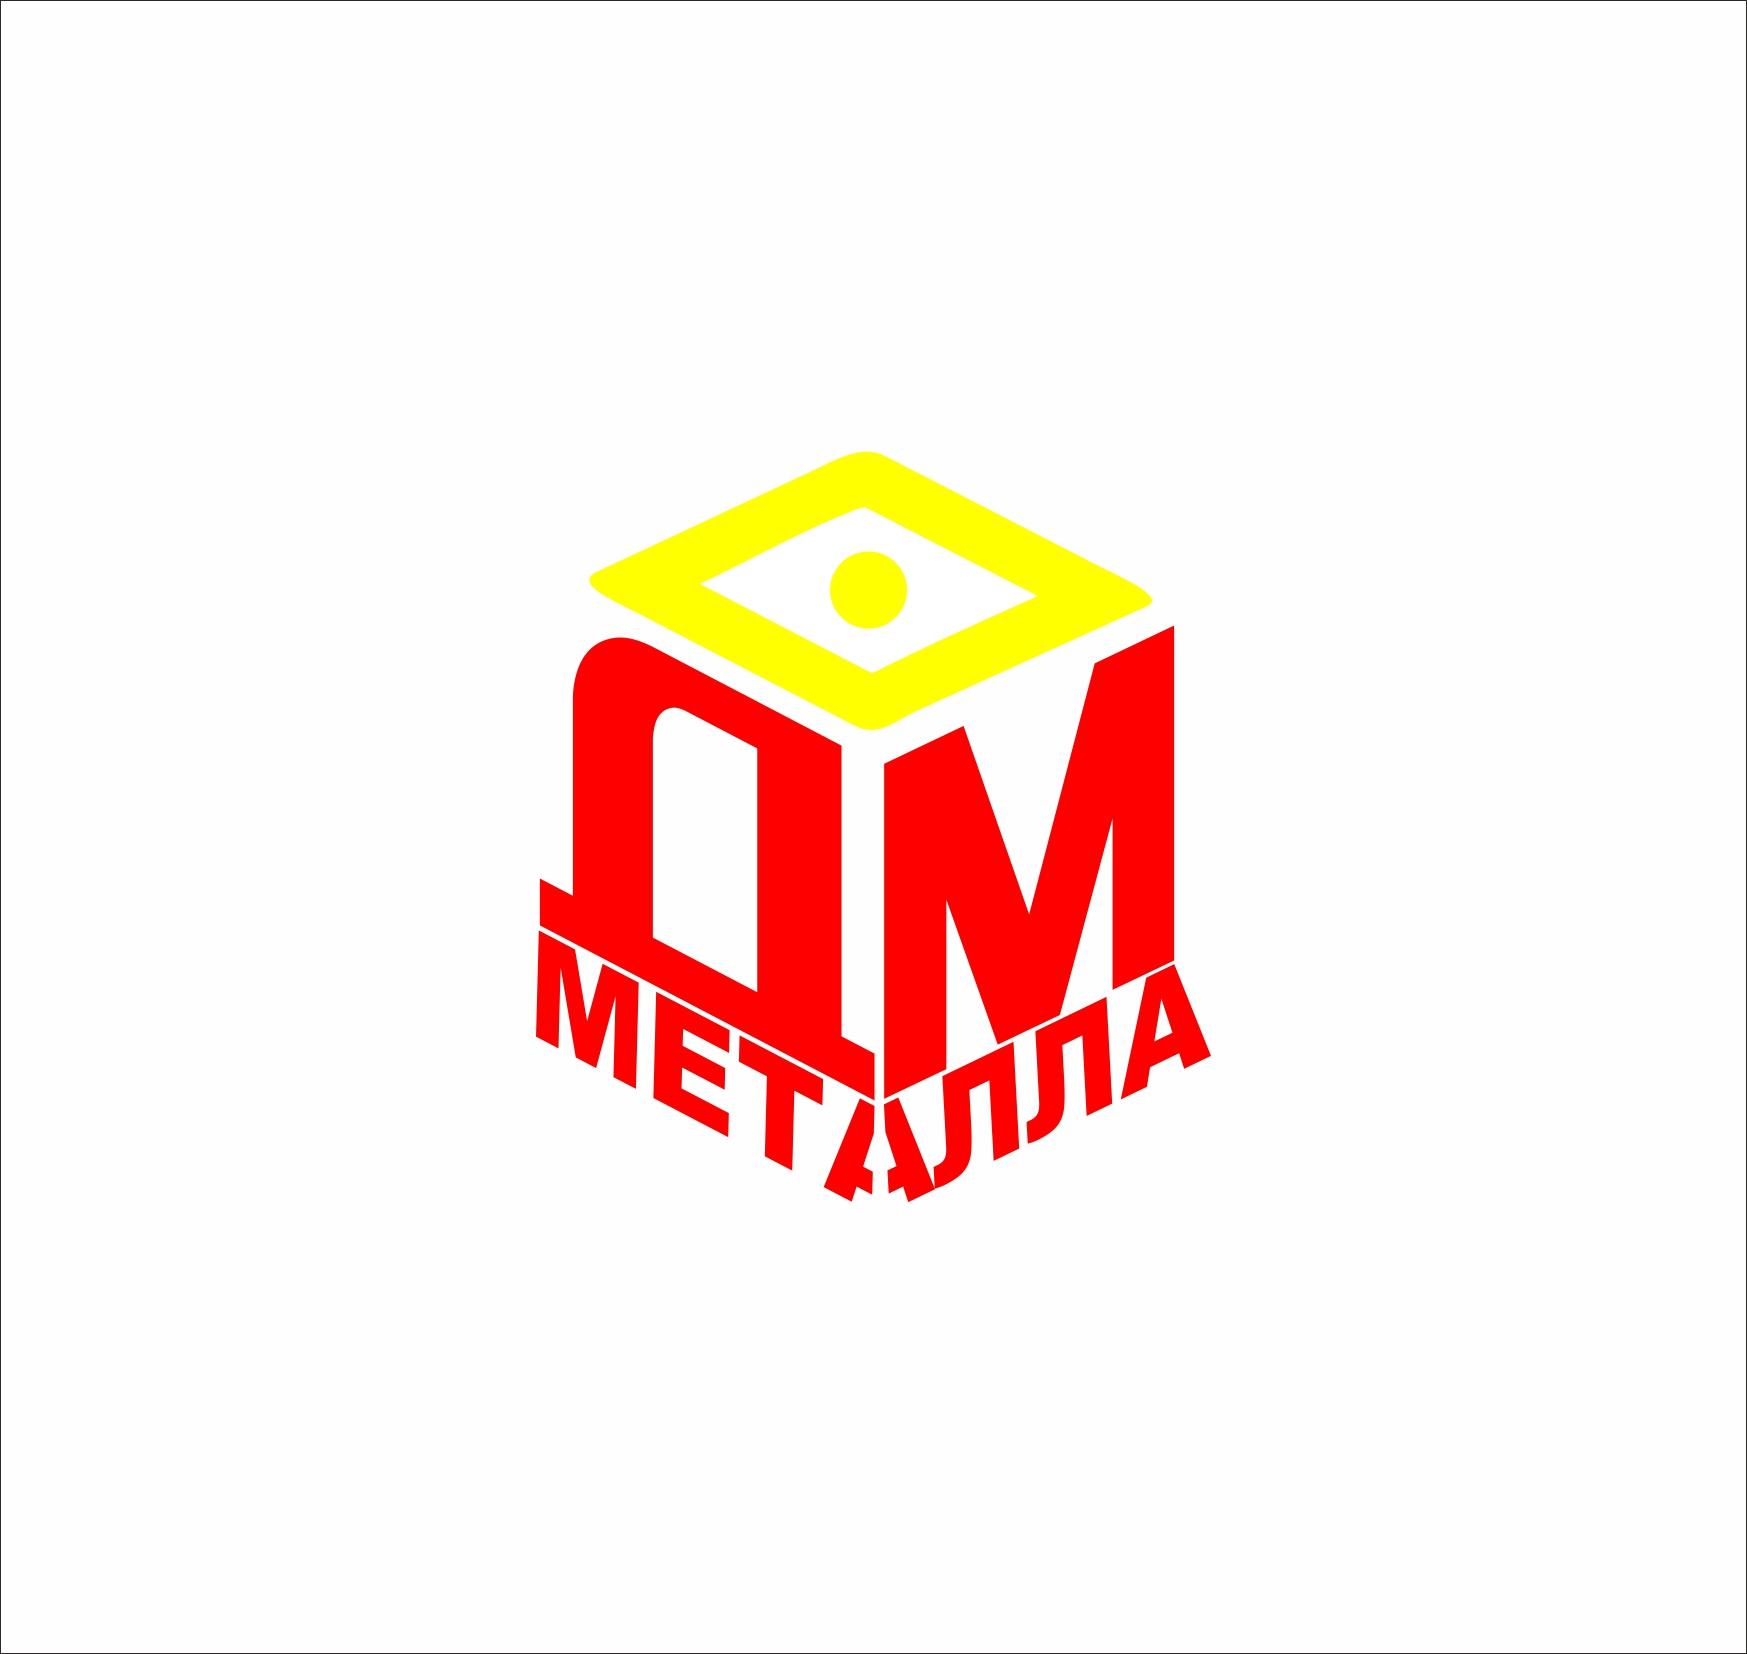 Разработка логотипа фото f_2865c5d6a57aff2e.jpg